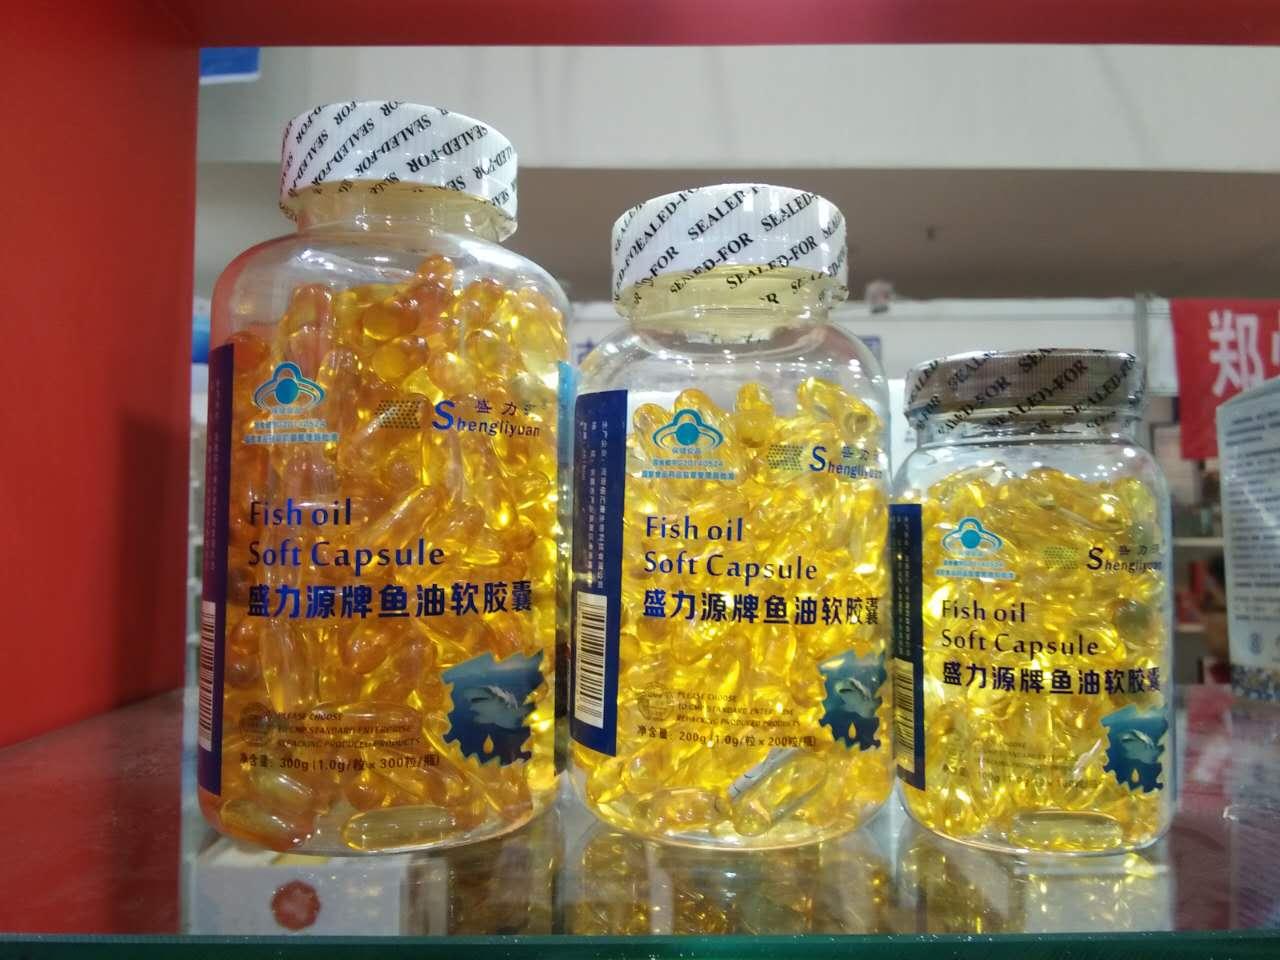 盛力源牌鱼油软胶囊(透明标签)